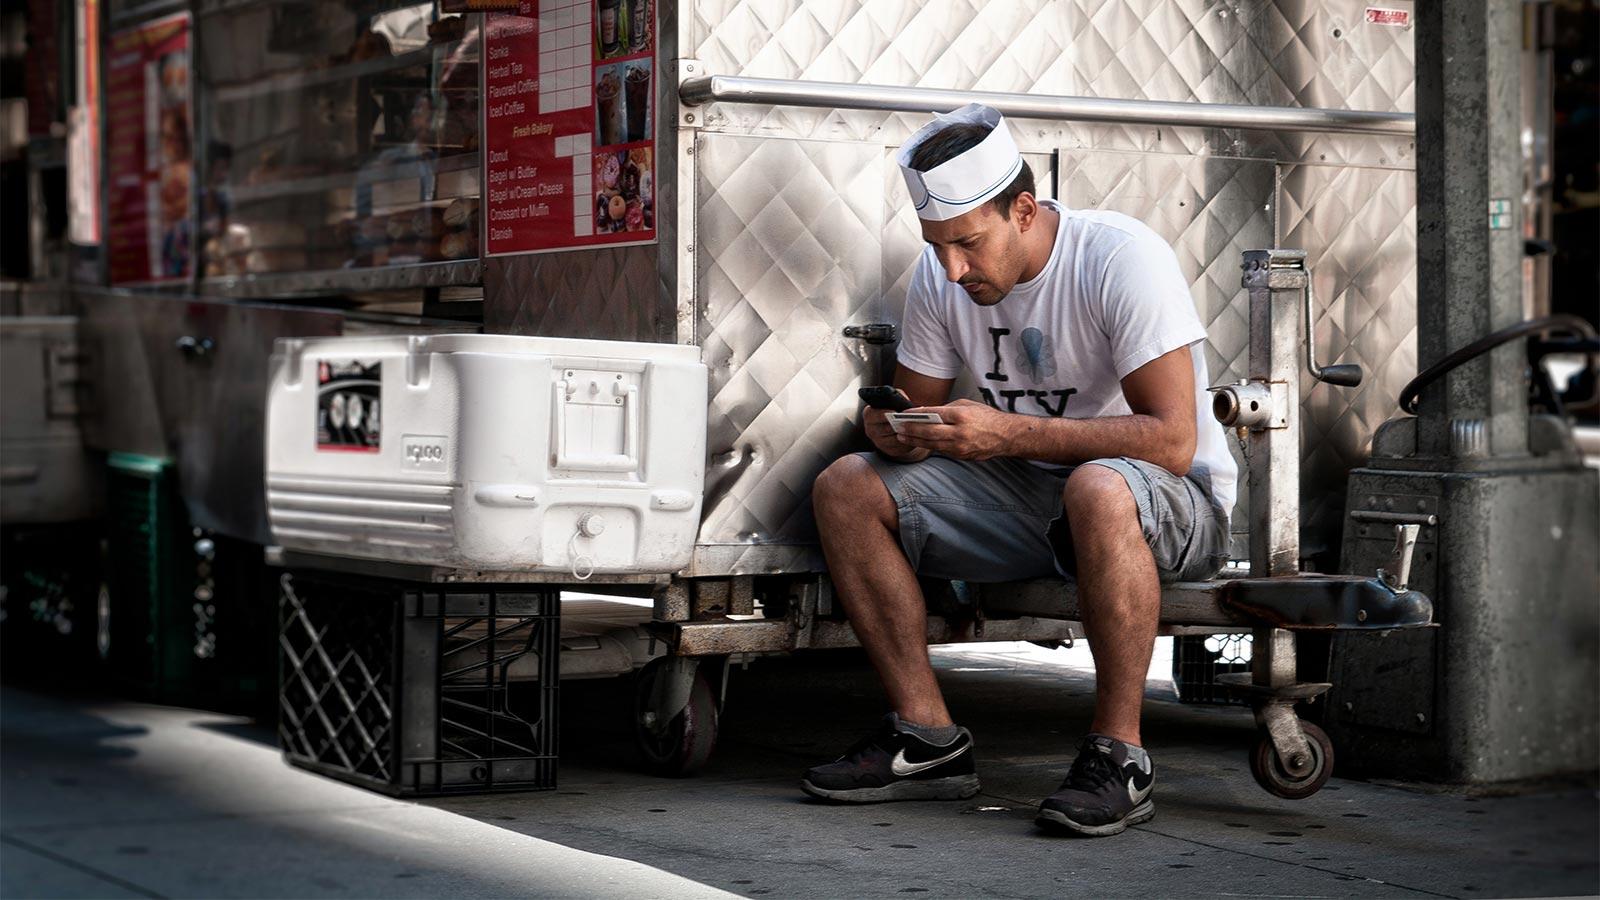 Werkende man tijdens zijn pauze bezig met Dubline - een telefoon met twee nummers